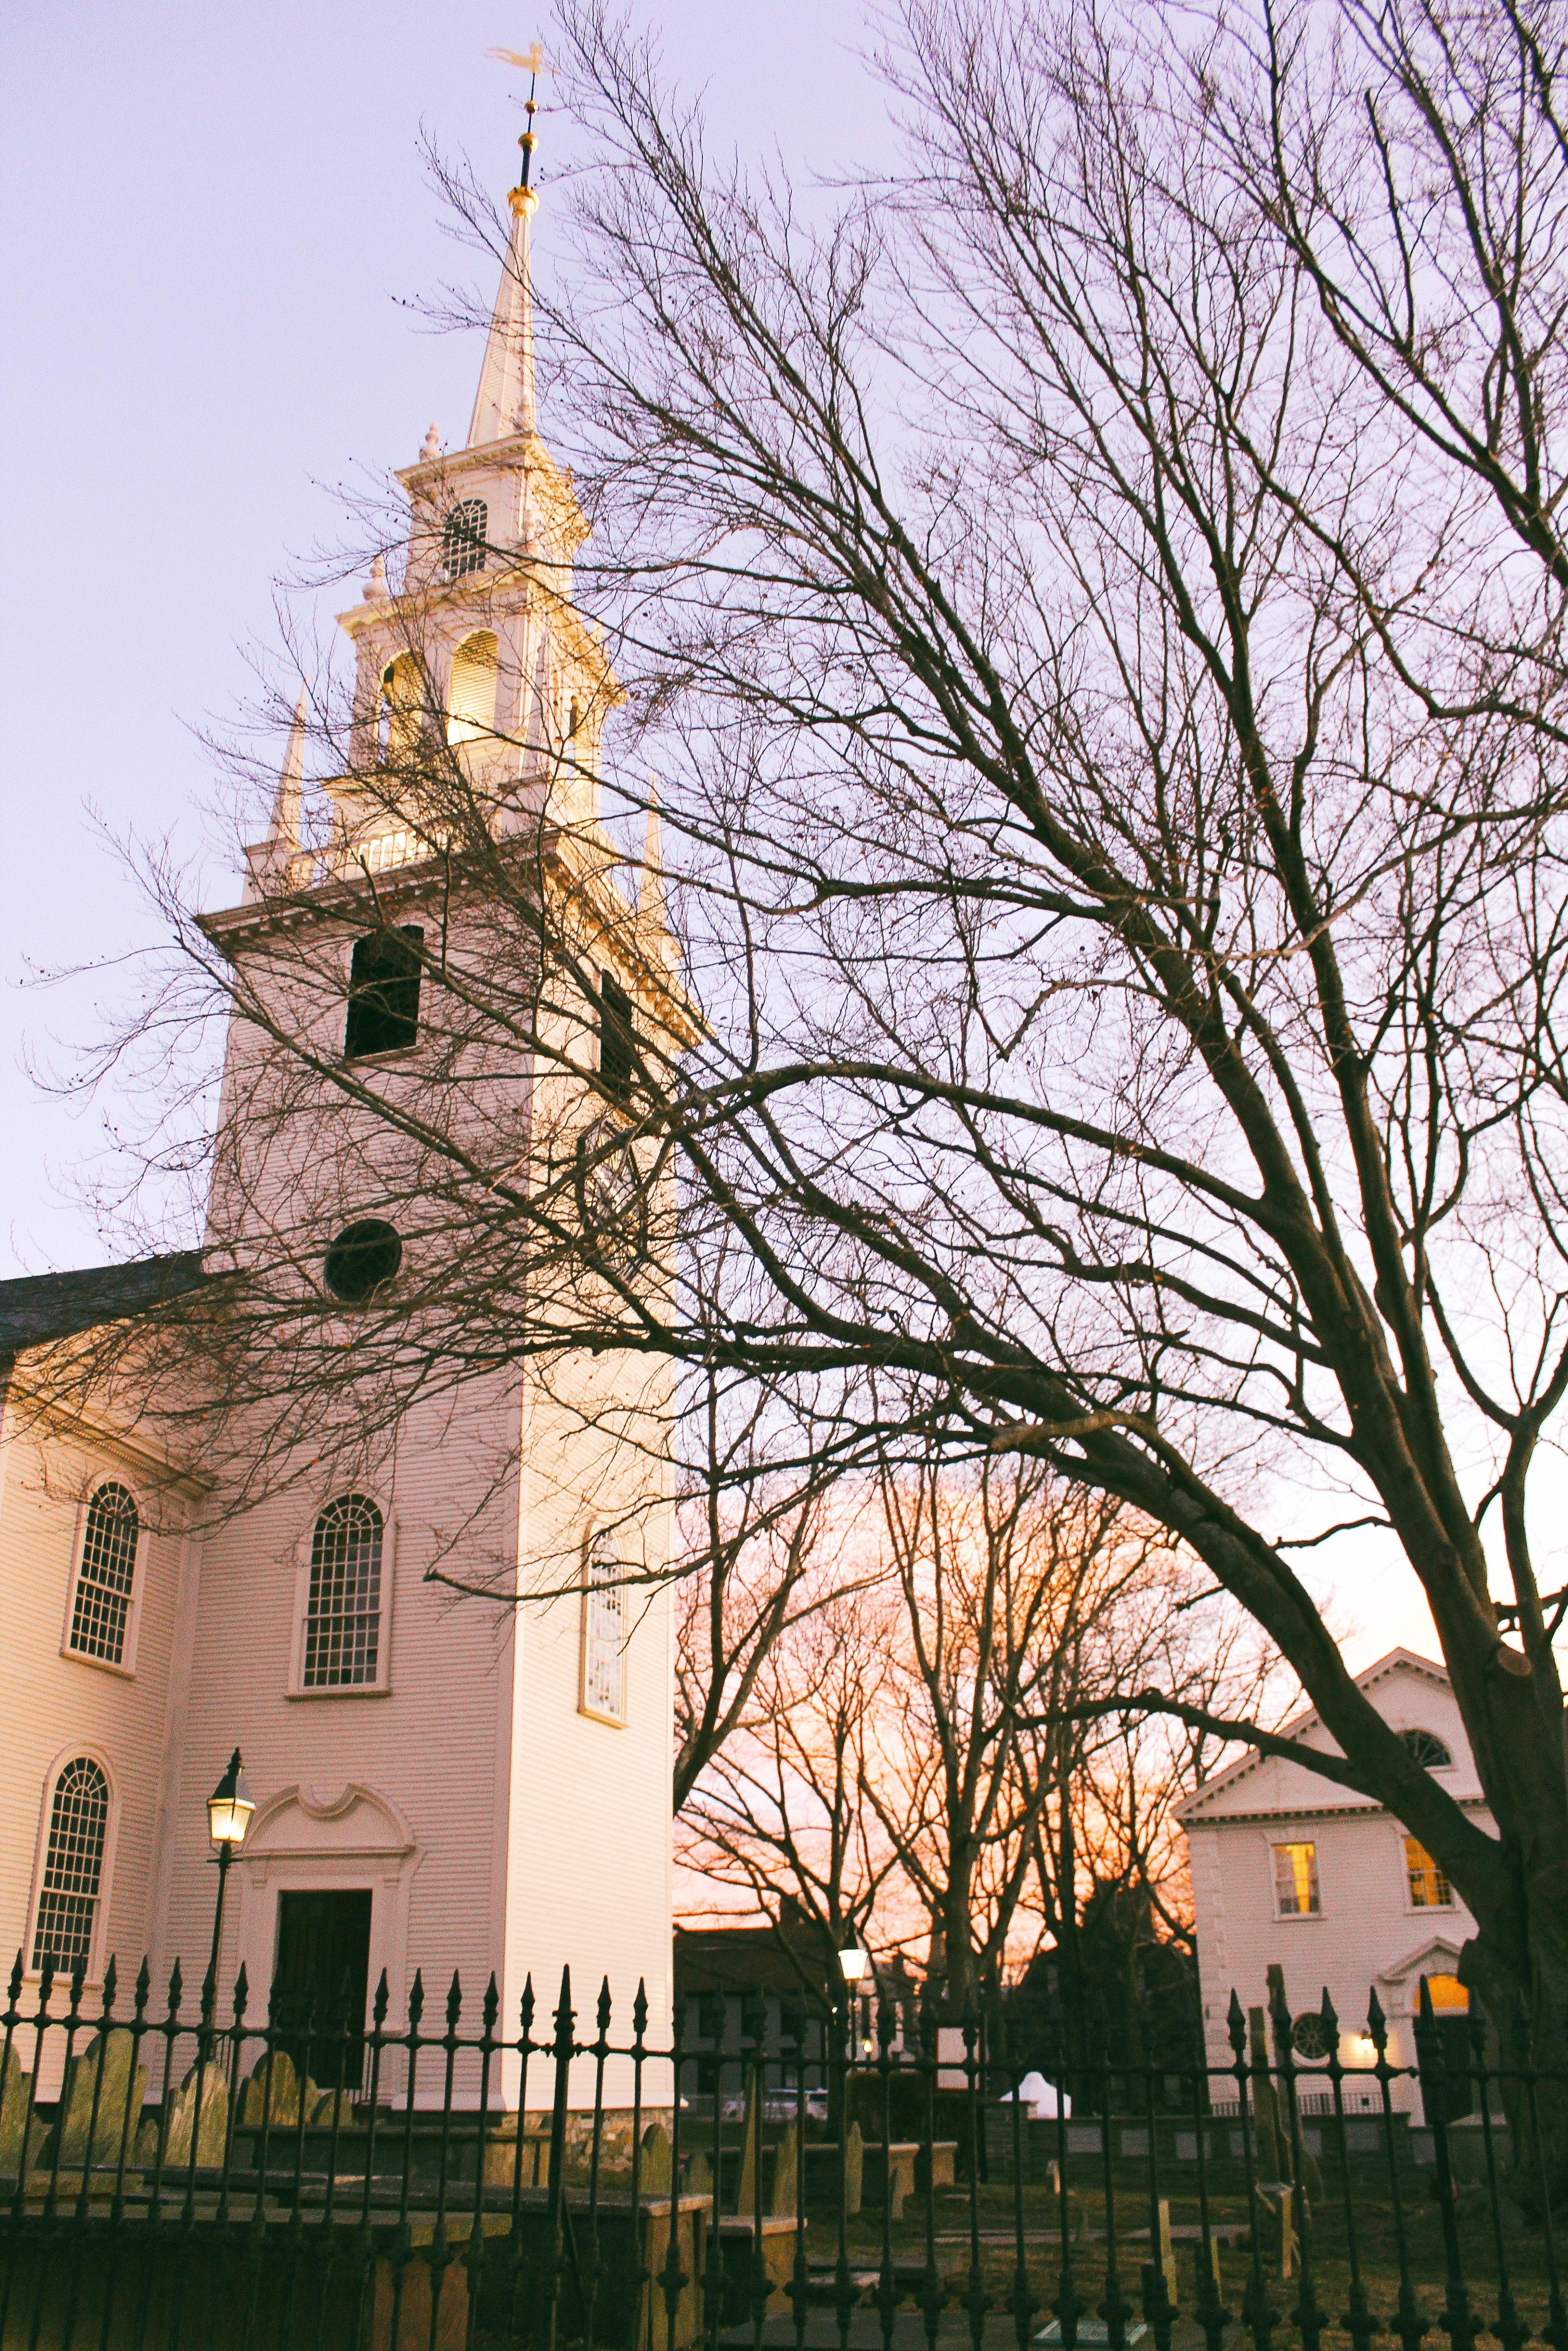 trinity-church-newport-rhode-island